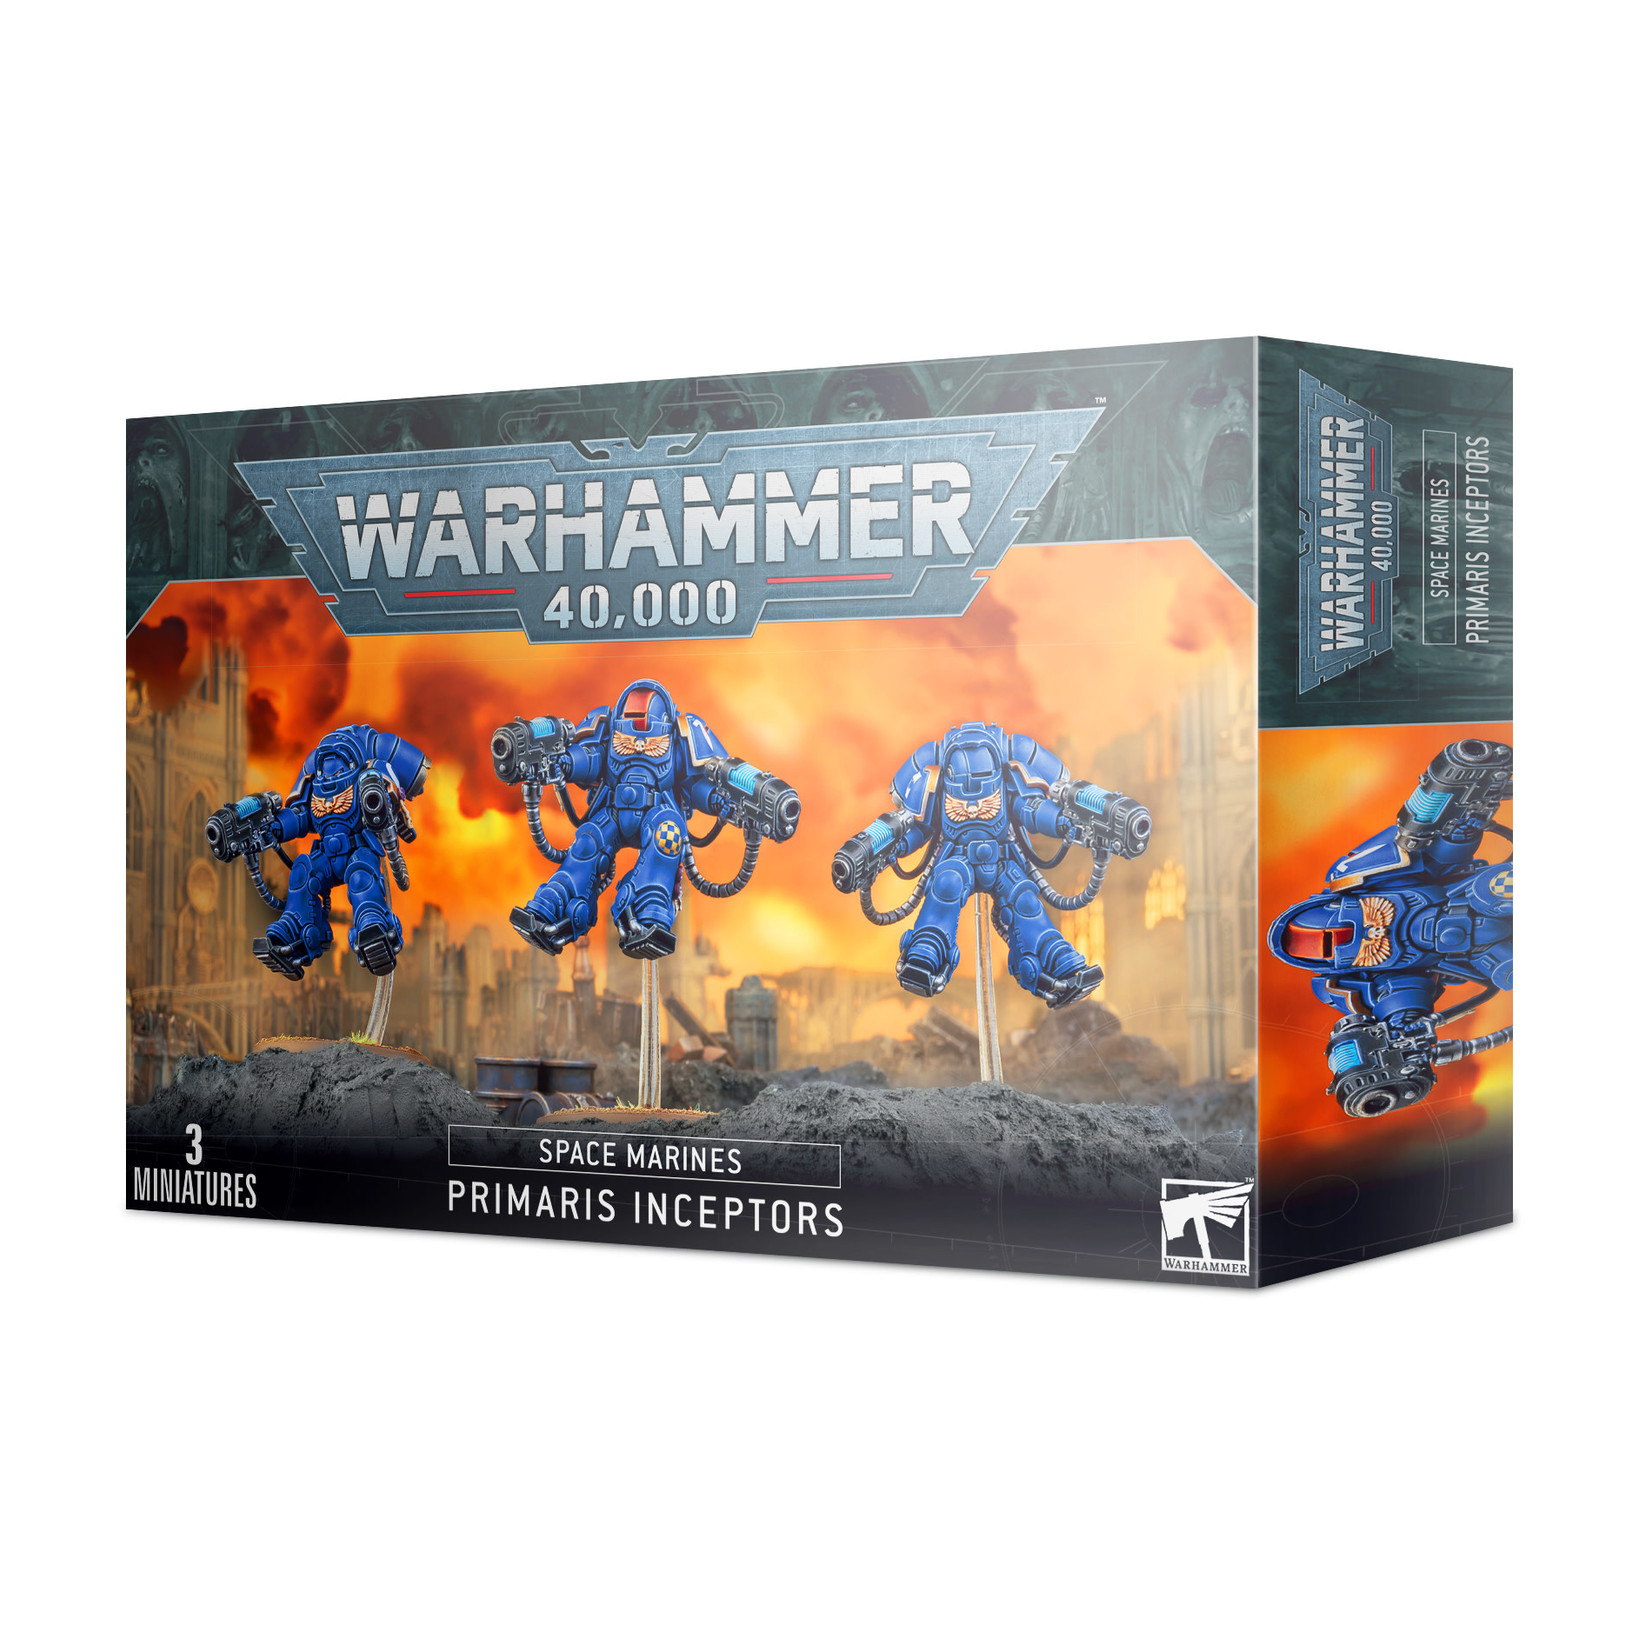 Warhammer 40K Primaris Inceptors